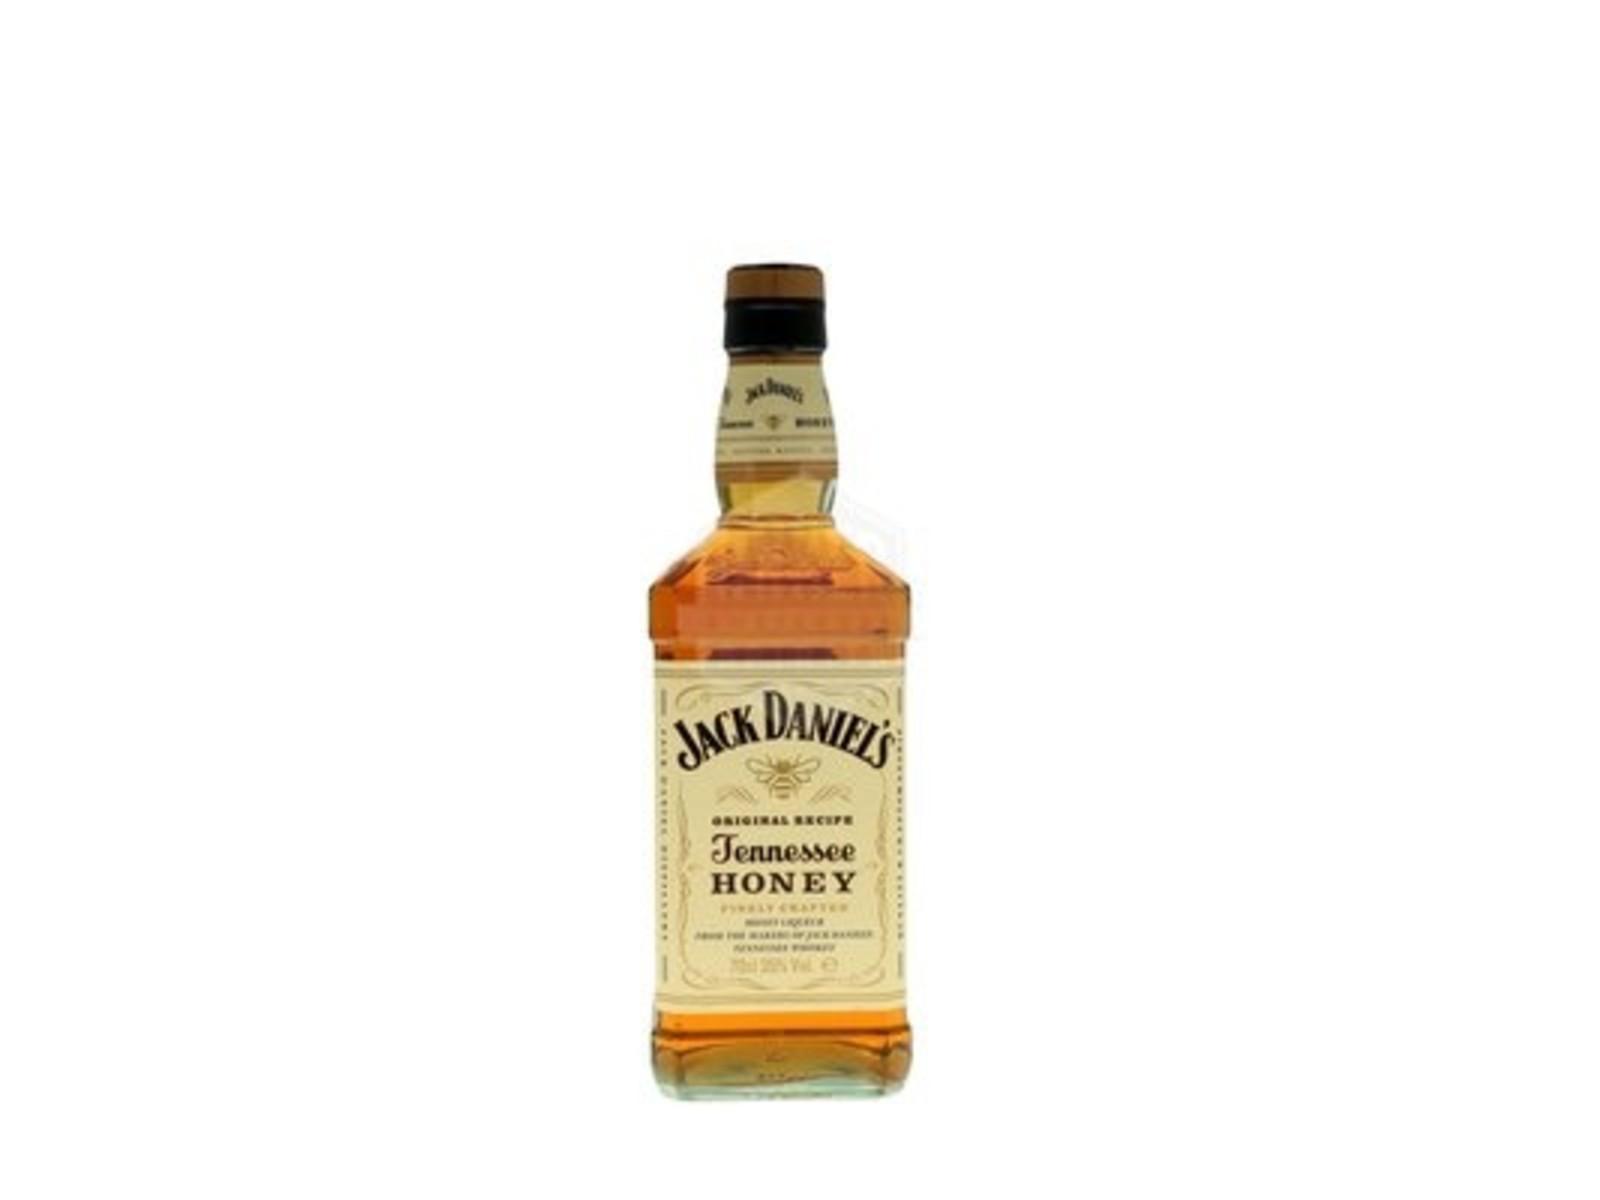 Jack Daniel's Jack Daniel's / Honey / bourbon / 0,7L